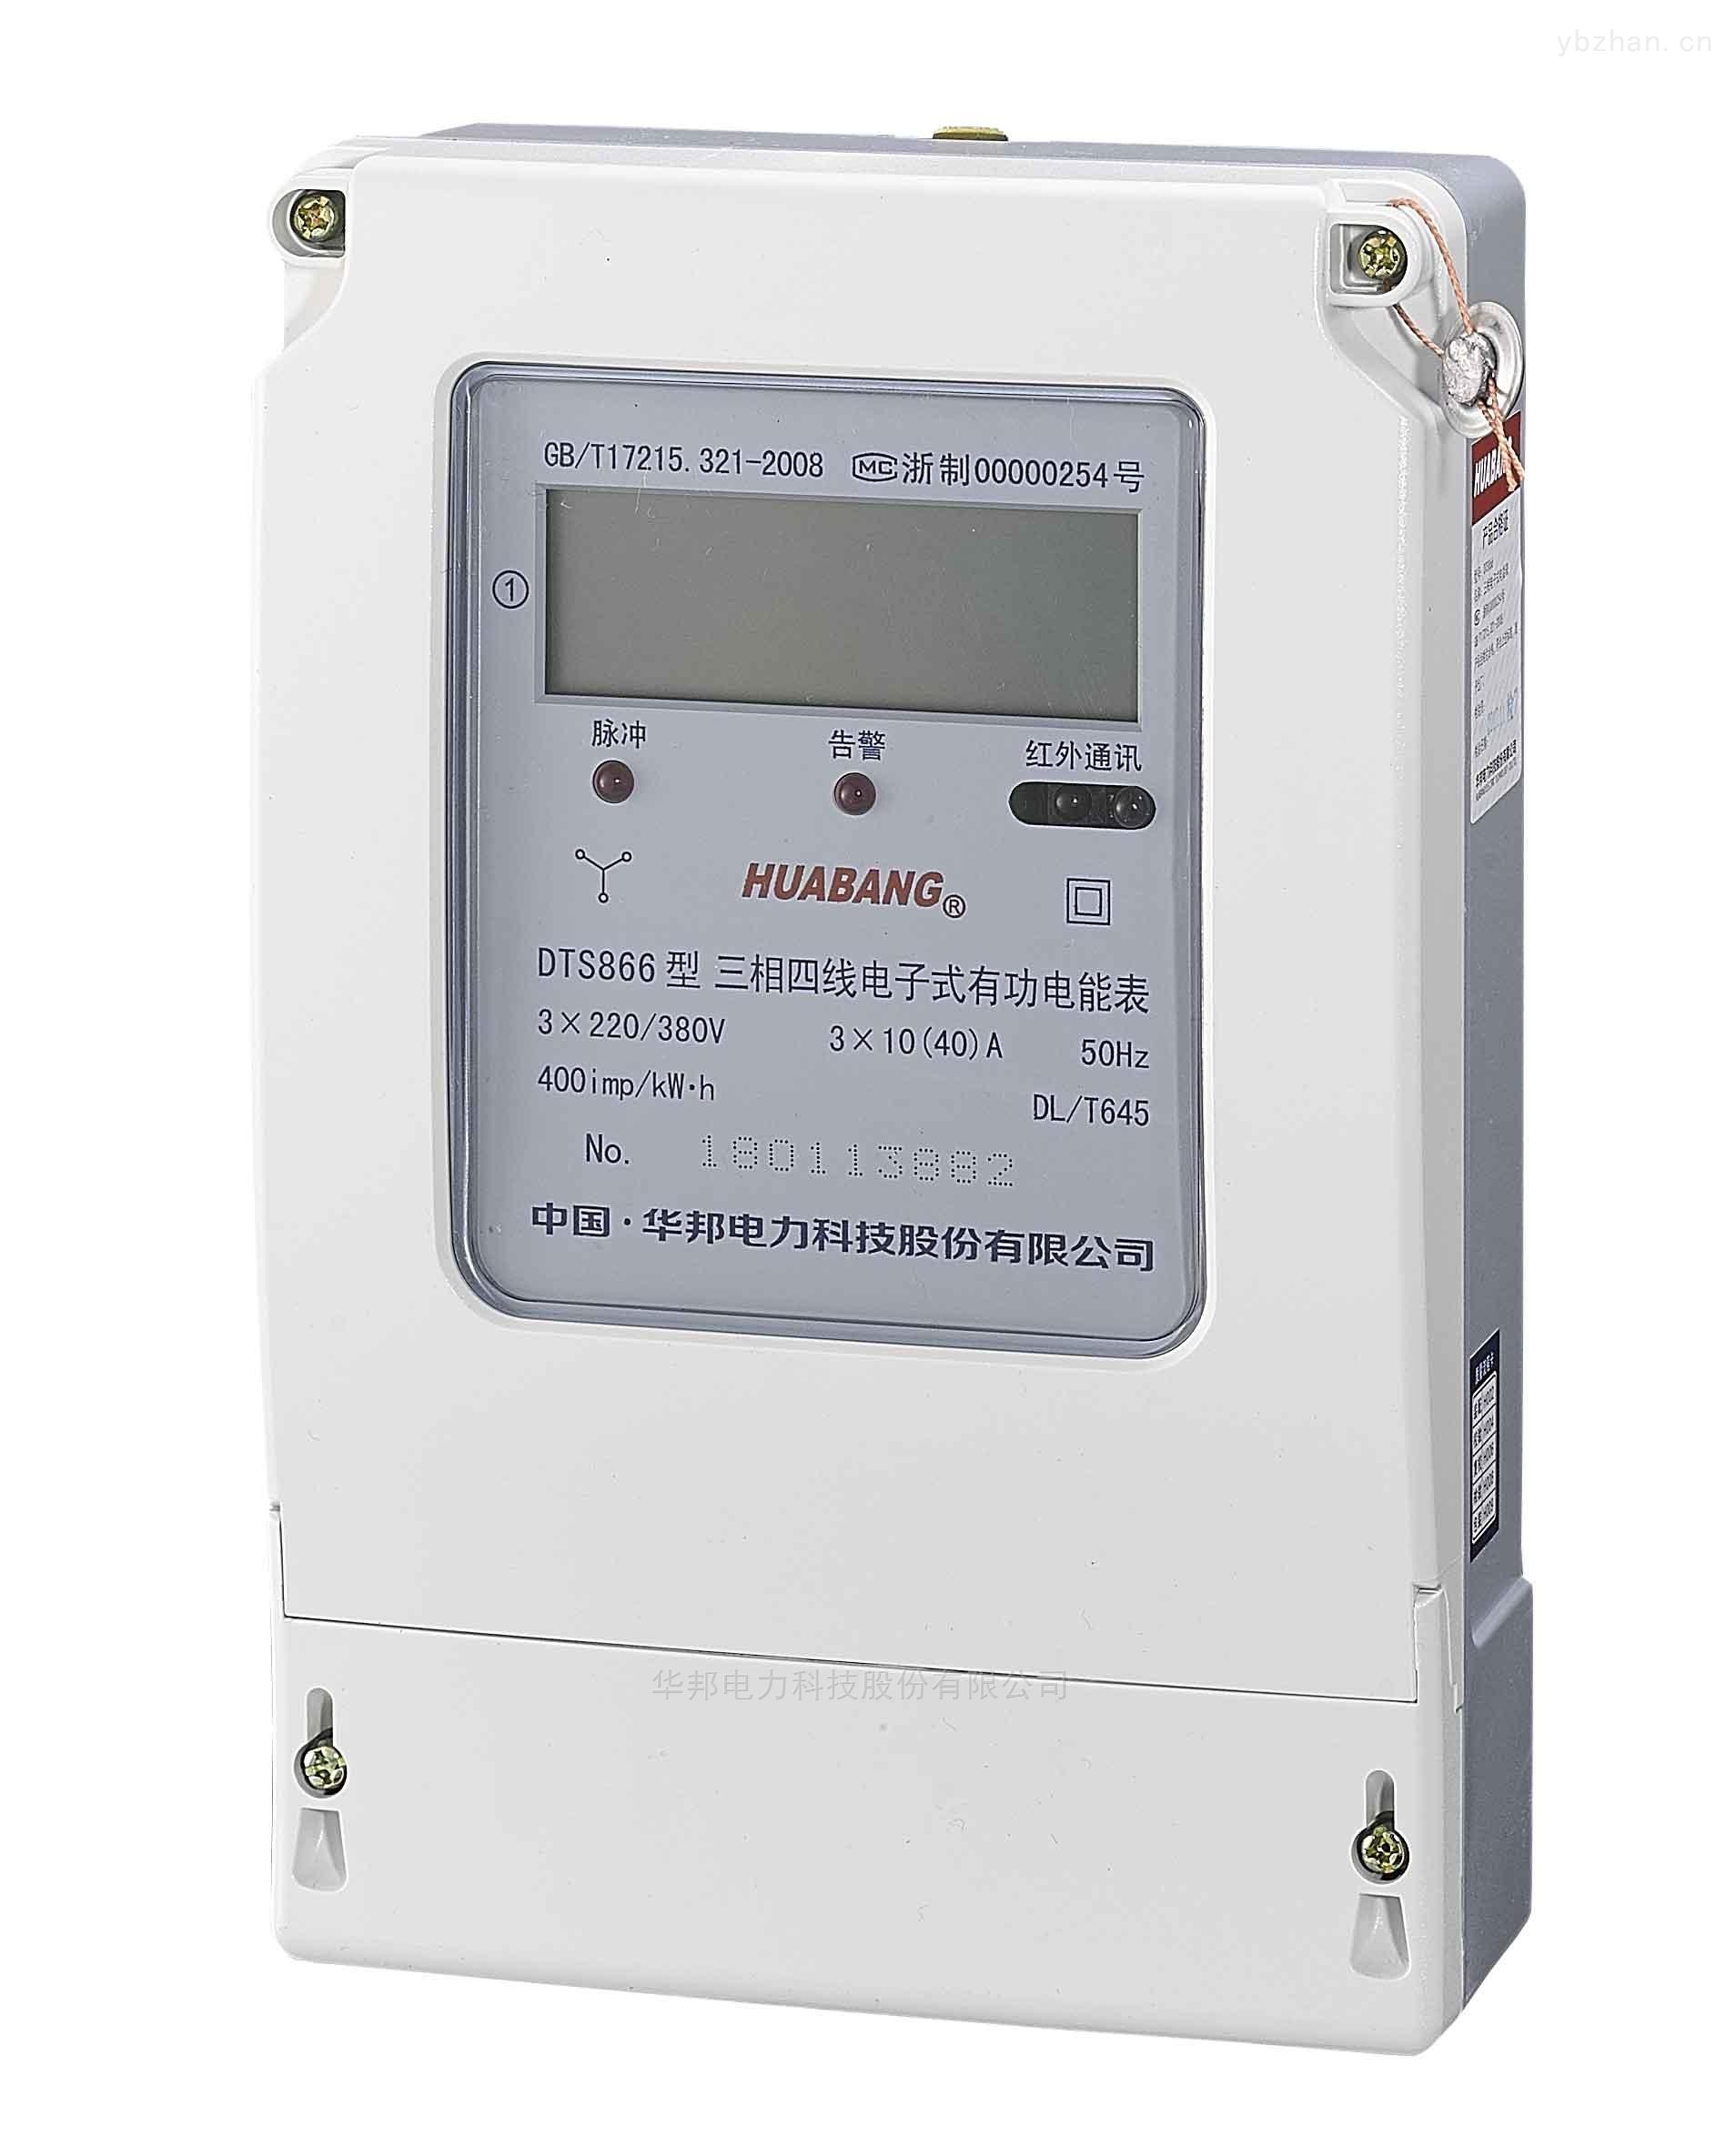 DTS866/DSS866-中山三相電子式485通訊高壓電能表